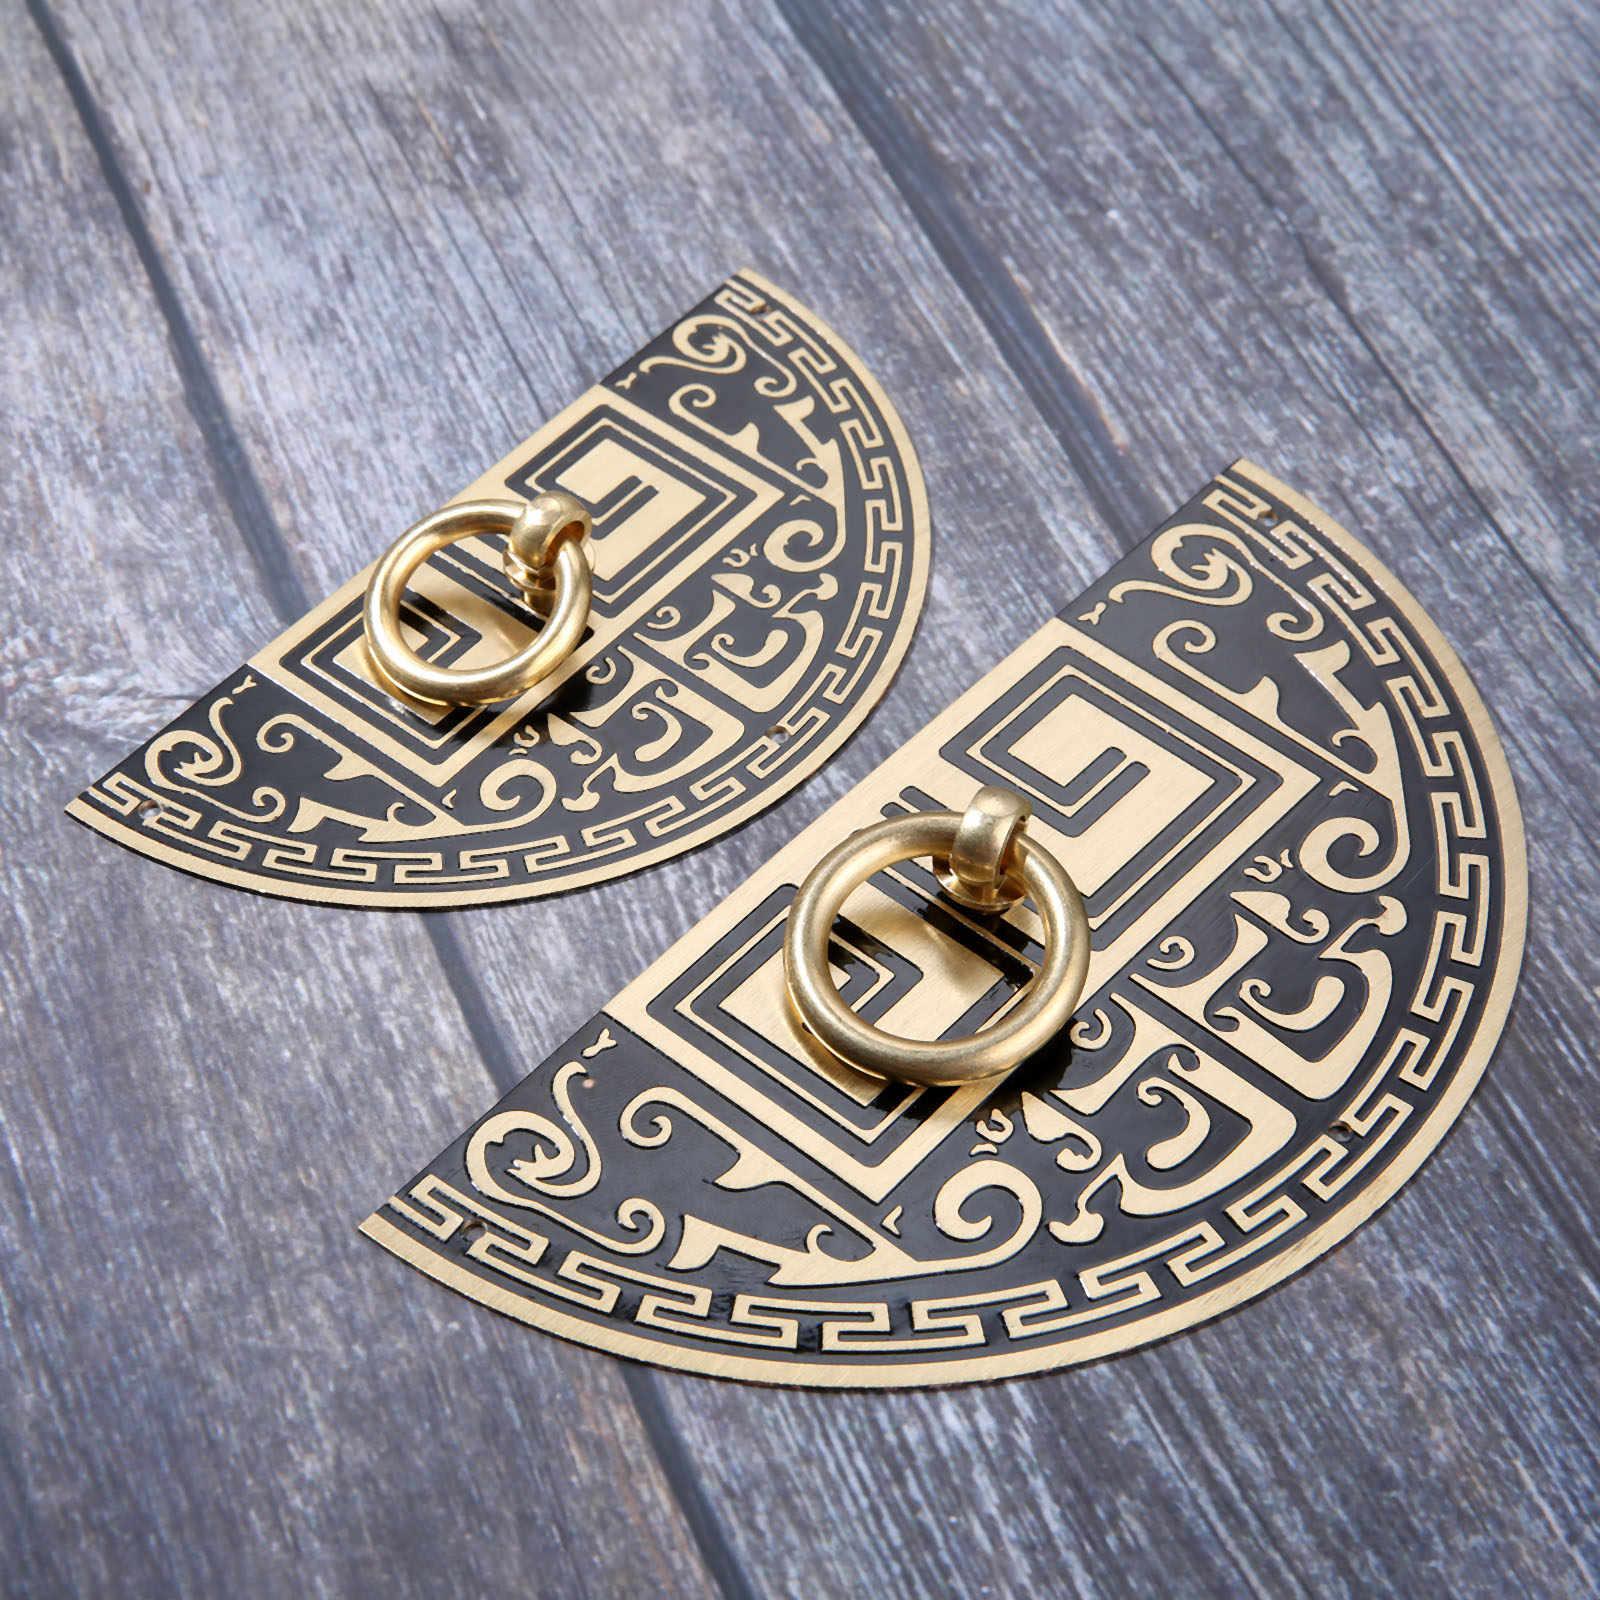 11 ซม.จีนโบราณทองเหลืองจับสำหรับเฟอร์นิเจอร์รูปแบบทองแดงบริสุทธิ์ประตูตู้ลูกบิดและมือจับยึดสกรู